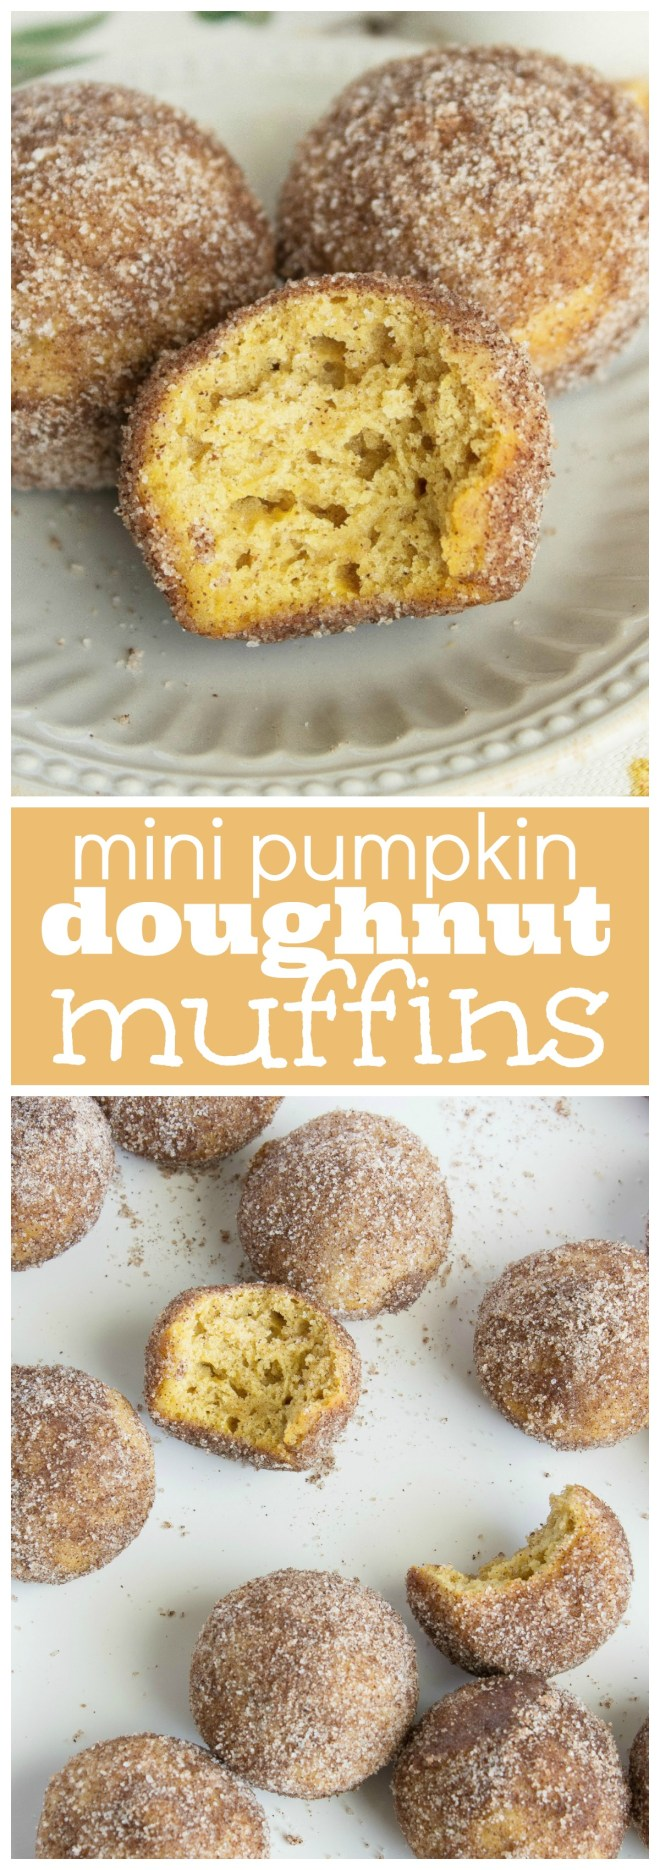 mini-pumpkin-doughnut-muffins